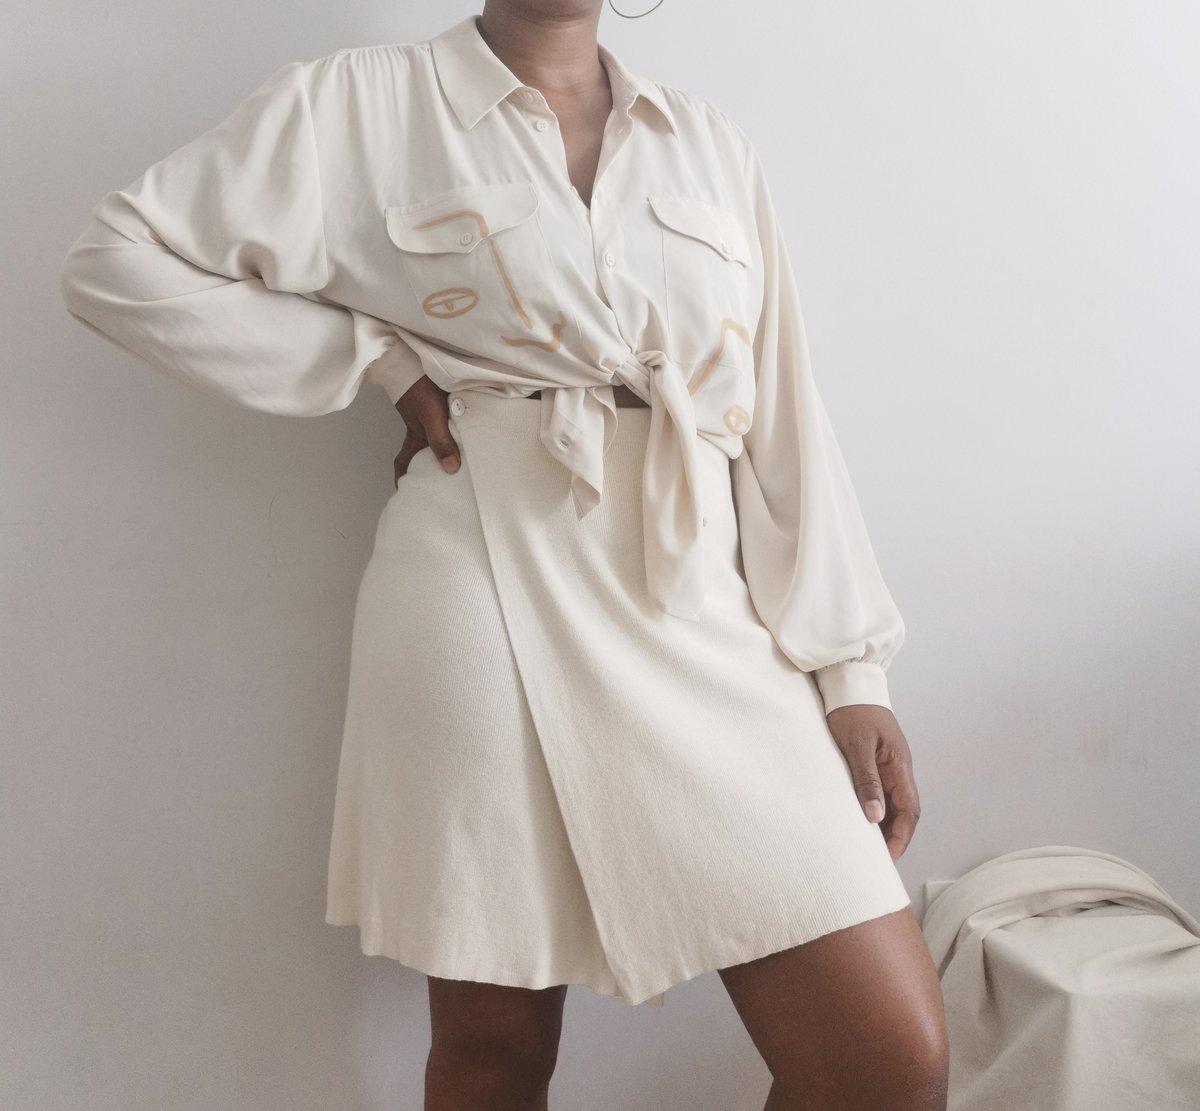 Image of ra skirt